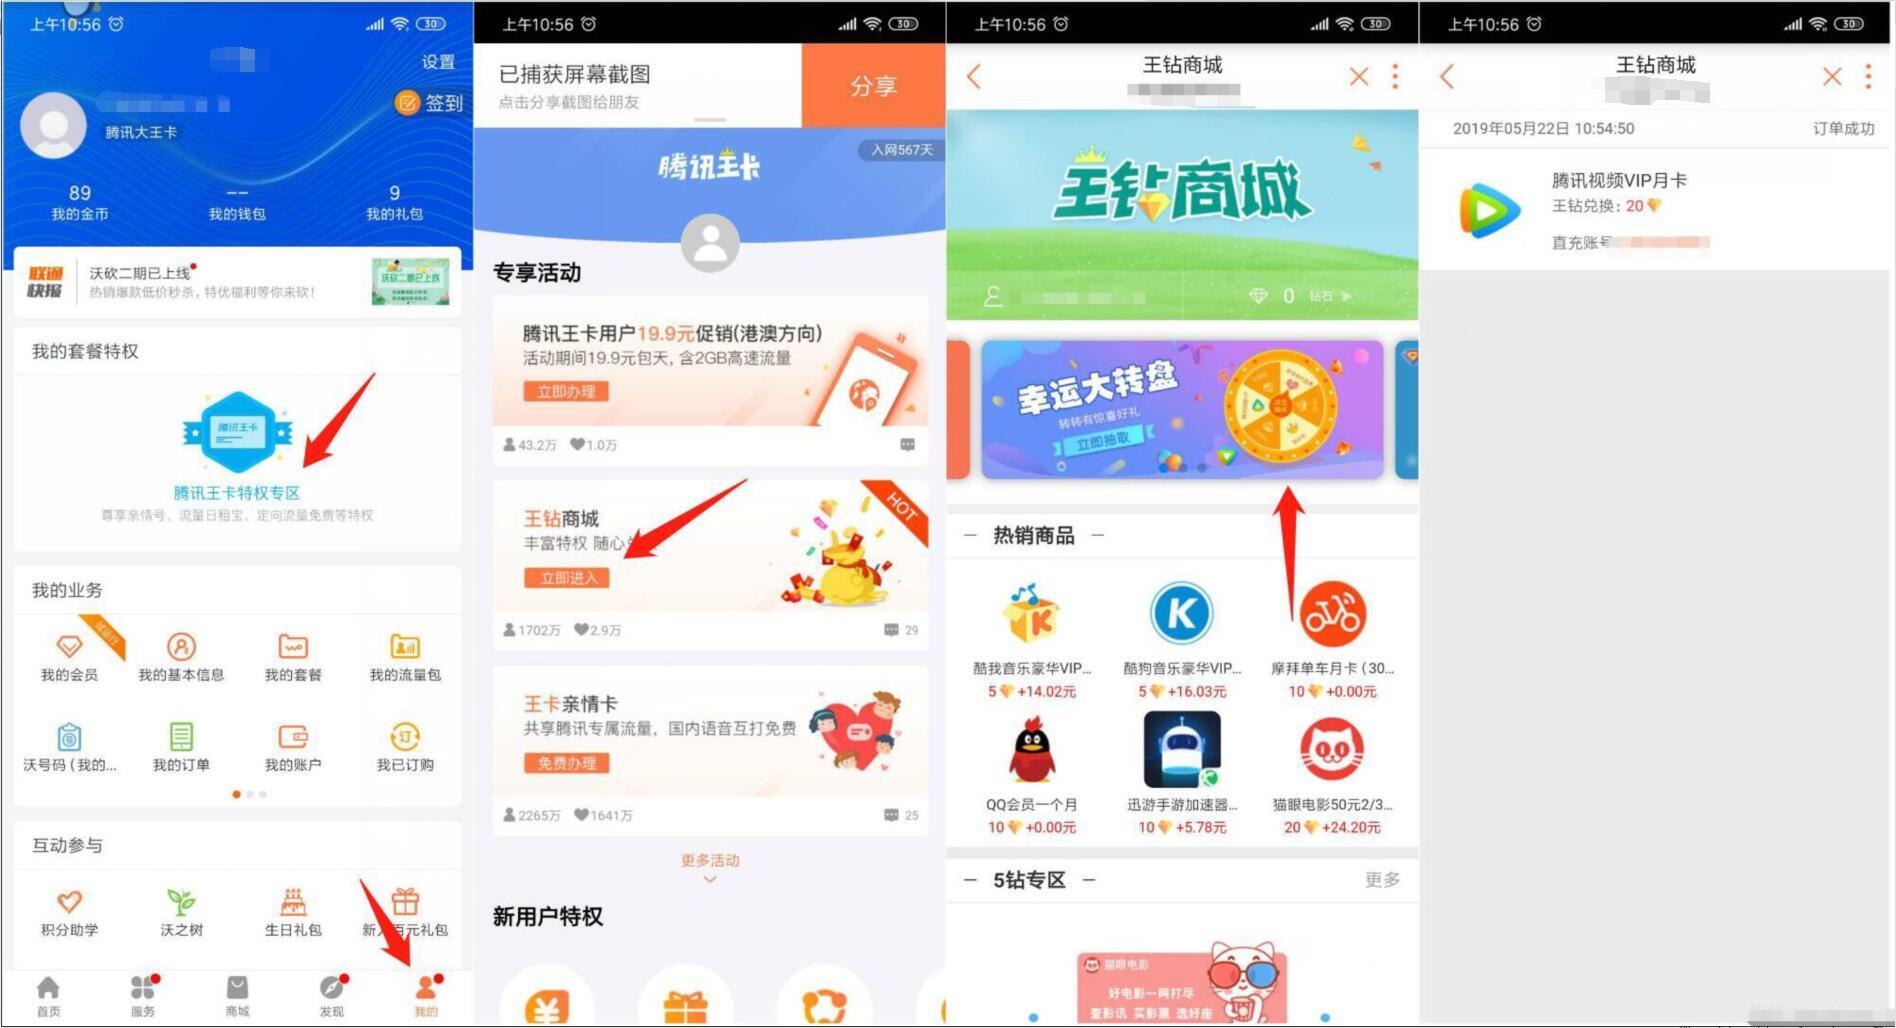 【虚拟物品】腾讯大王卡可换一个月腾讯视频vip-www.im86.com